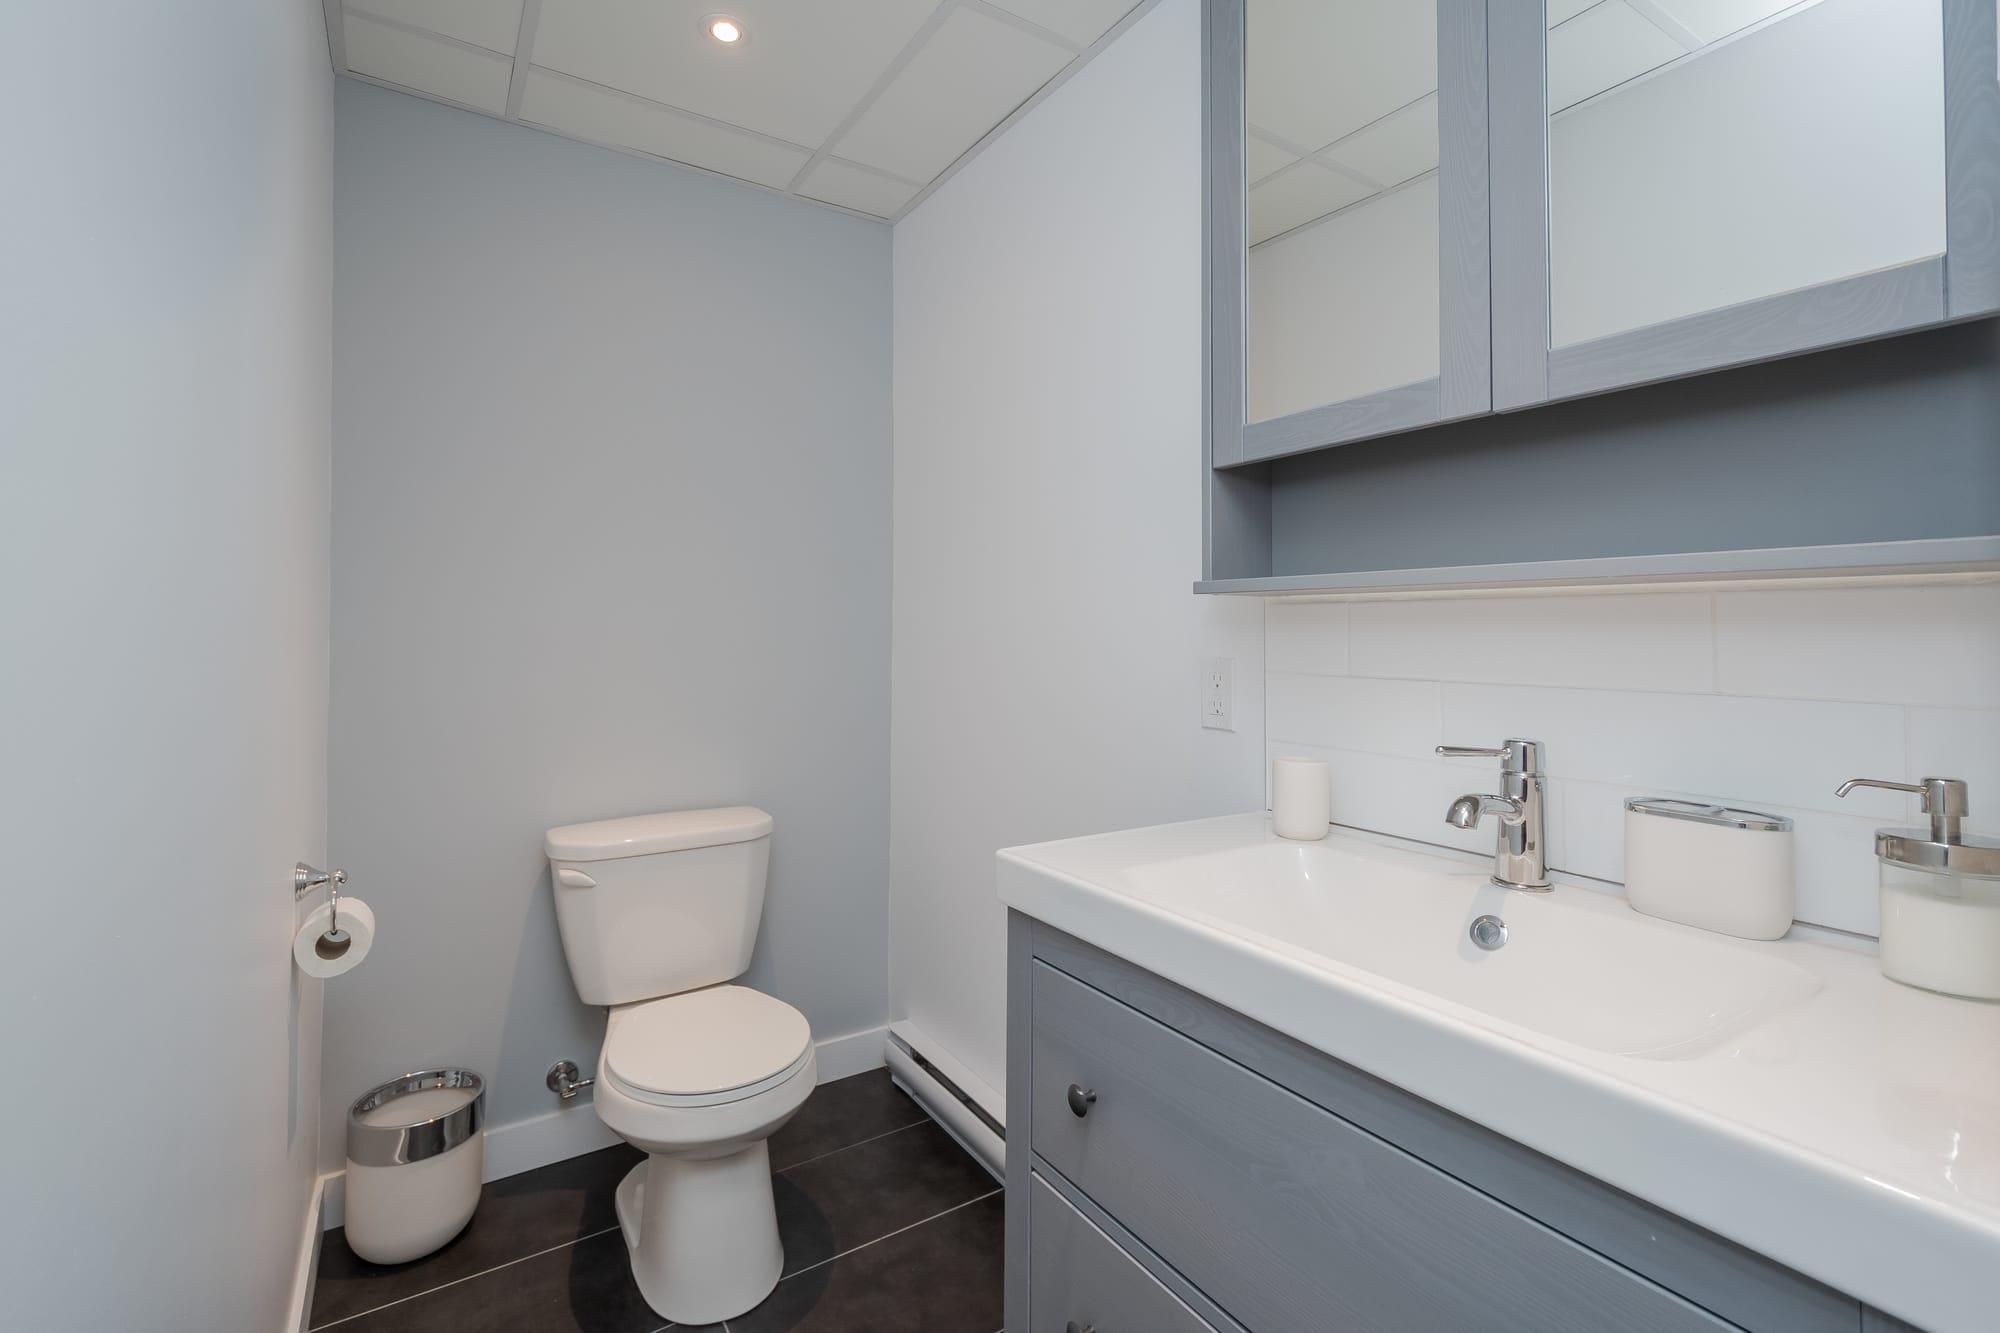 salle d'eau dans un sous-sol rénové avec meuble-lavabo et pharmacie avec miroir